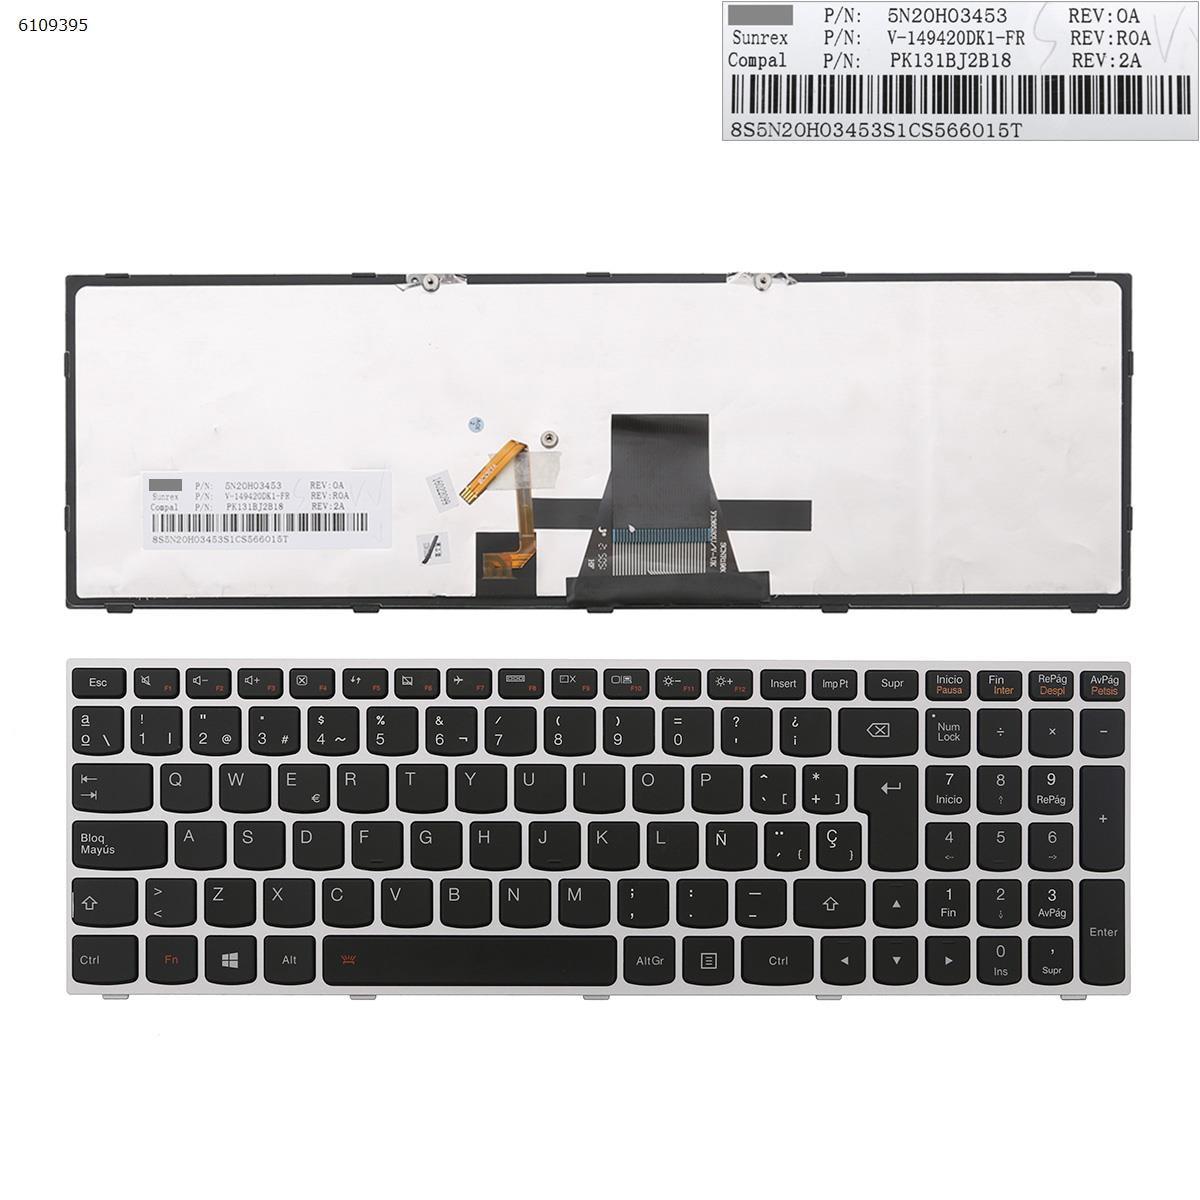 SP Spanish Layout New Replacement Keyboard for Lenovo G51-35 G70-35 G70-70 G70-80 Z50-70 Z50-75 Z51-70 Z70-80 Laptop Backlit недорого